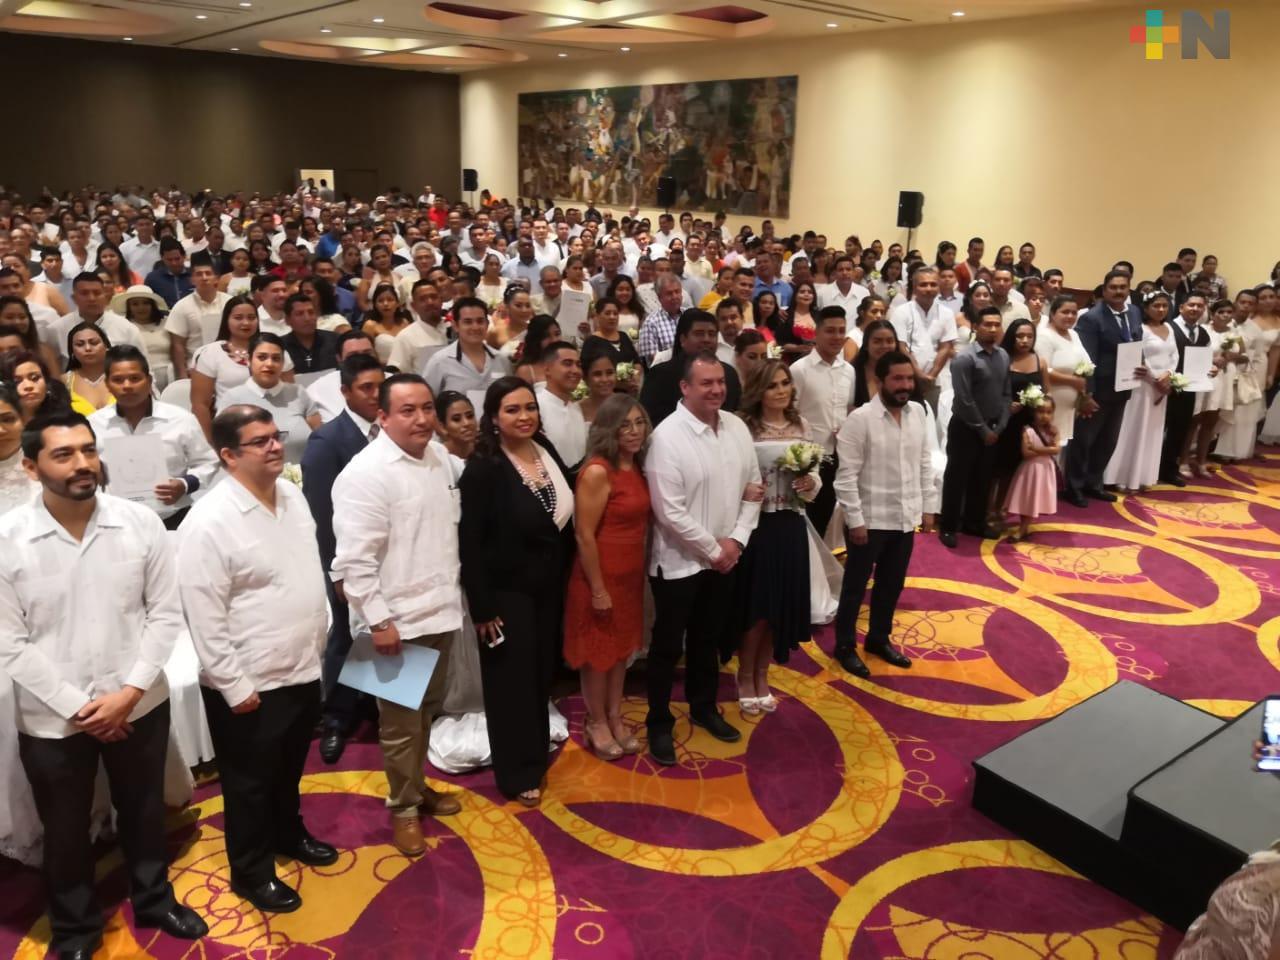 Más de 300 parejas participan en boda colectiva de Boca del Río